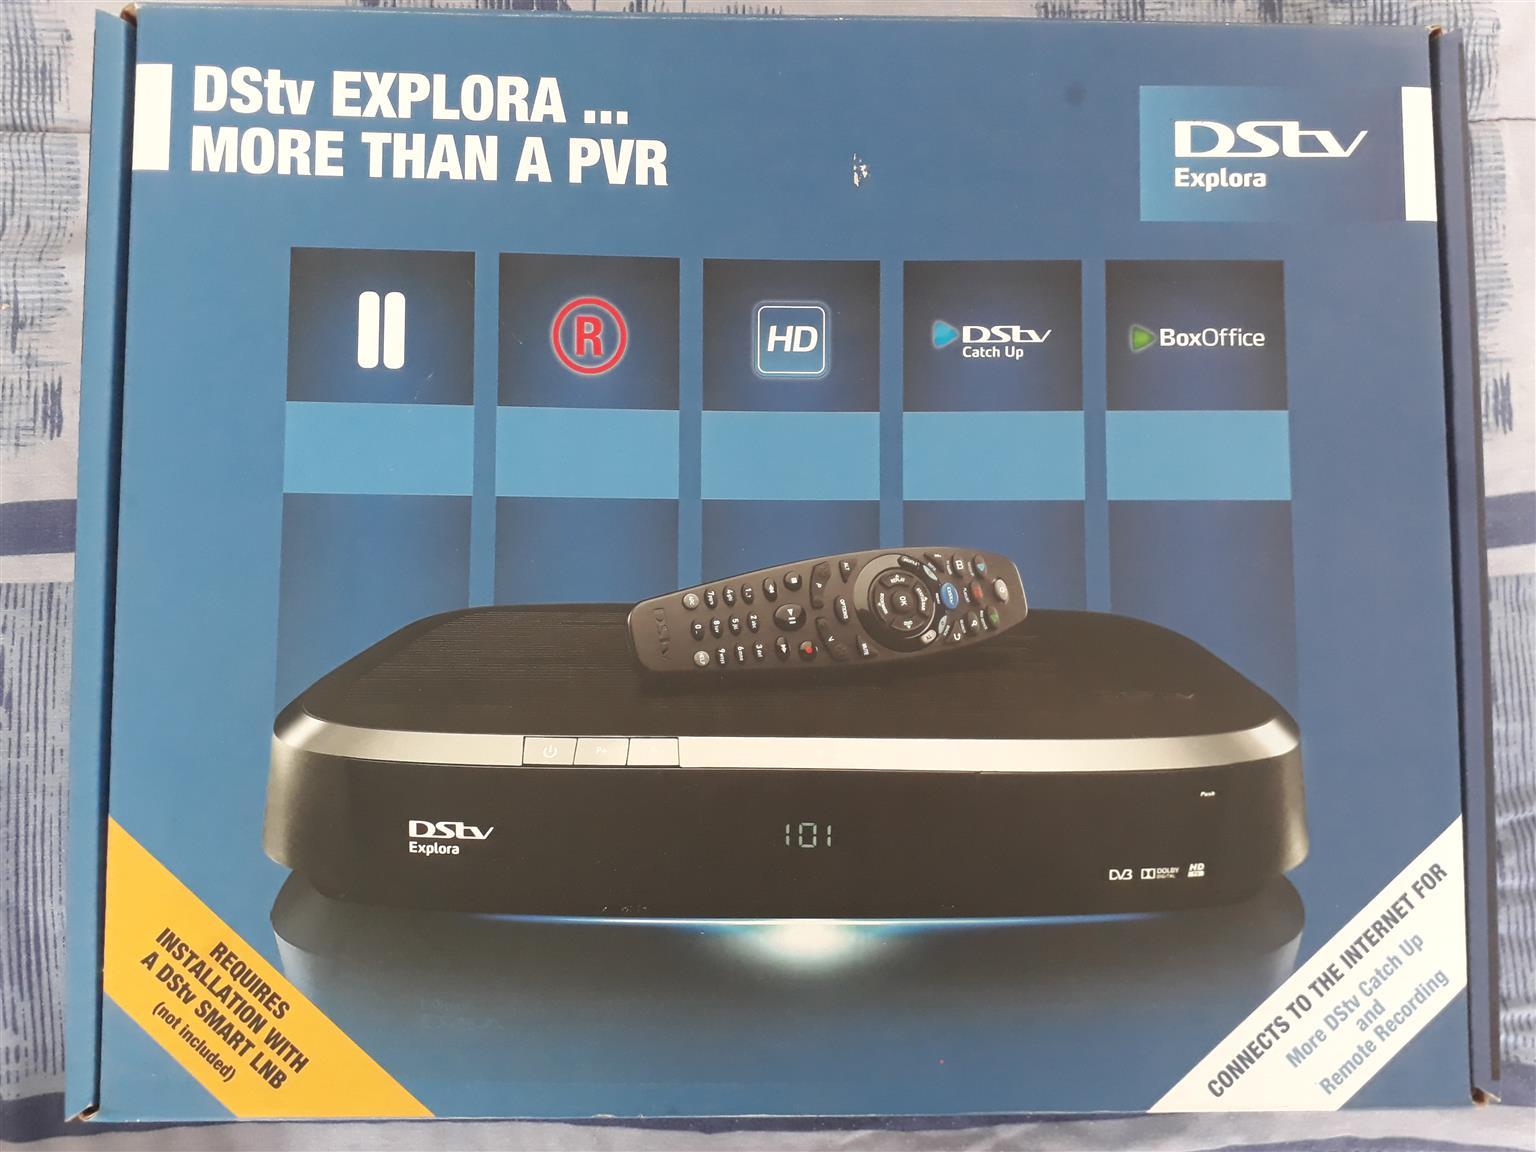 DStv EXPLORA and DStv Smart LNB